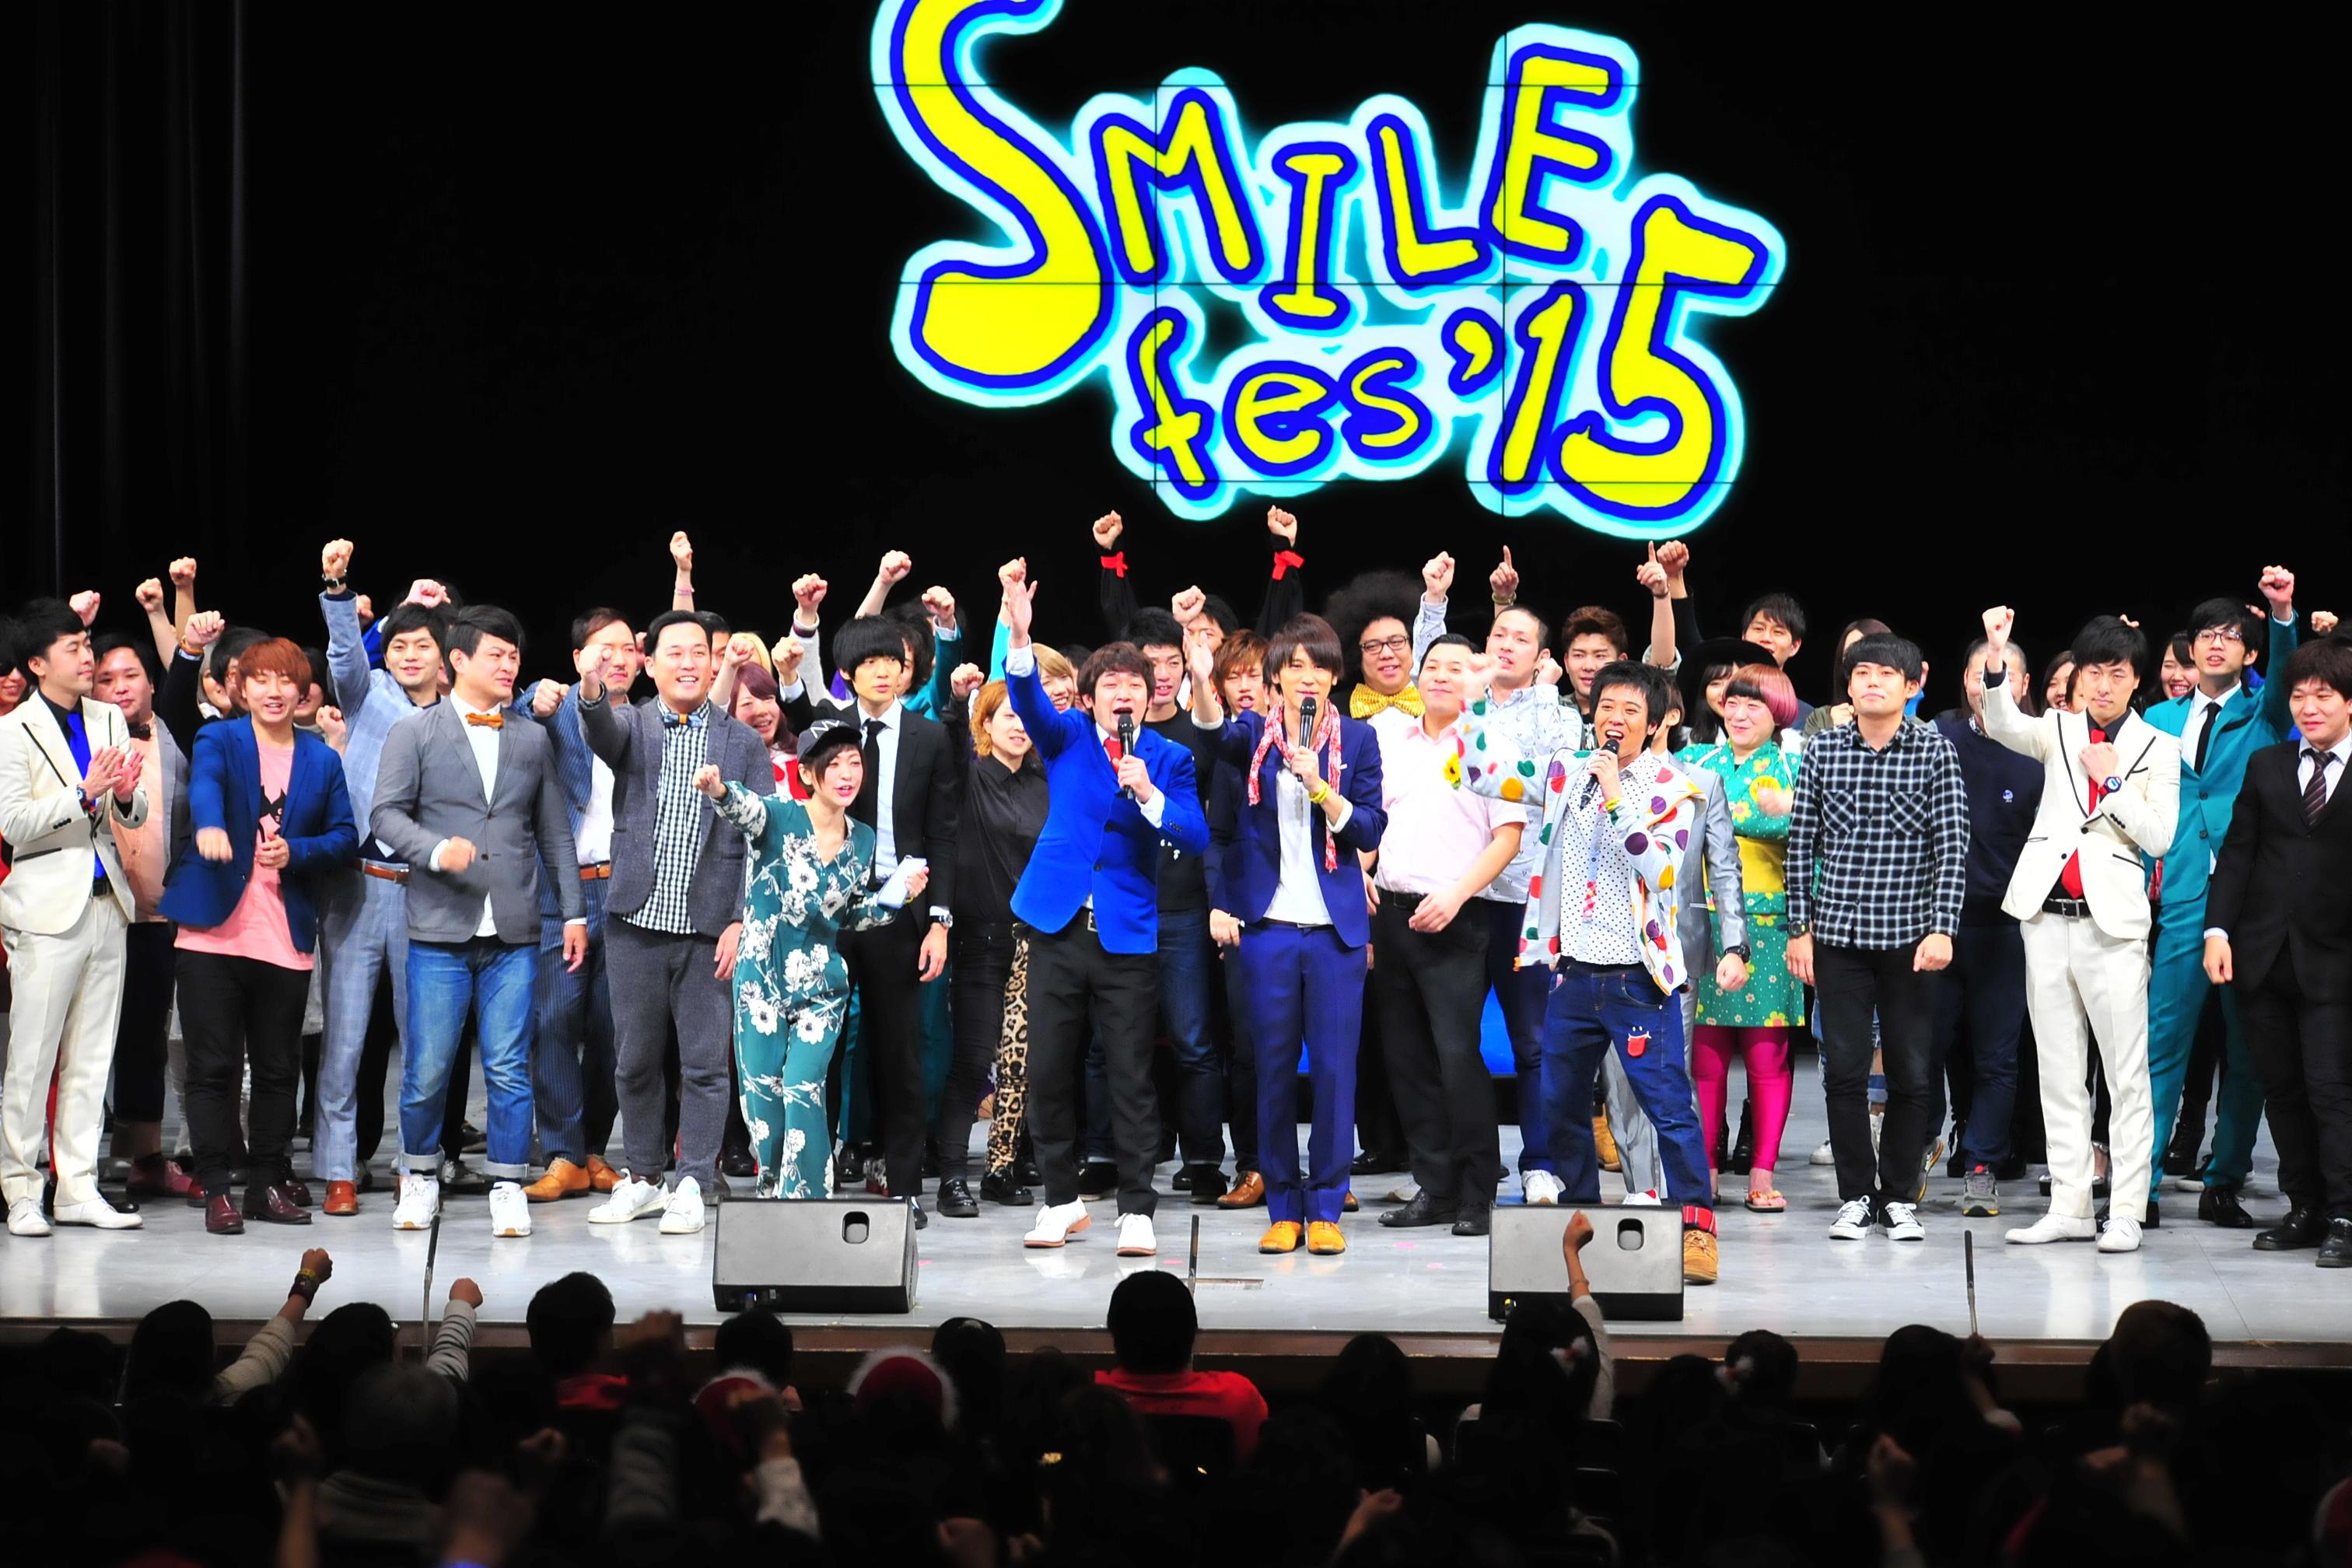 http://news.yoshimoto.co.jp/20151231134709-b4cdef437b1a80d785ac73c2b4e5bda1b5a1e97e.jpg